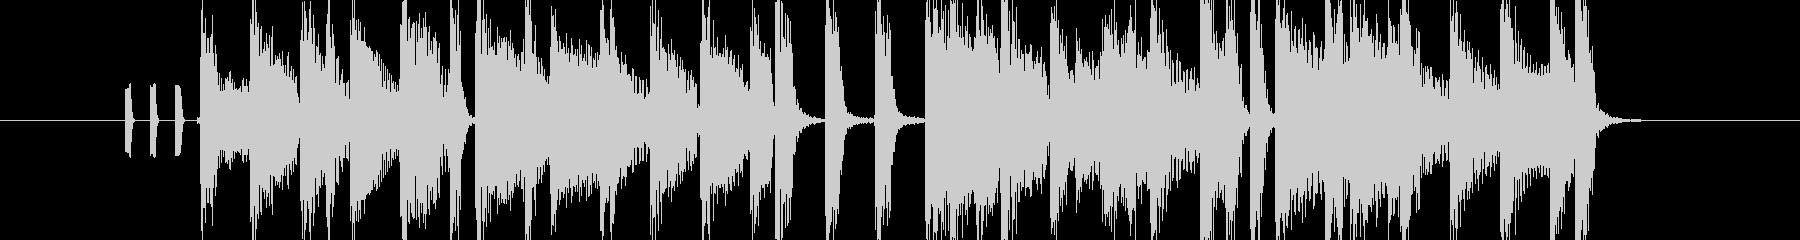 オープニングにピッタリのポップなBGMの未再生の波形